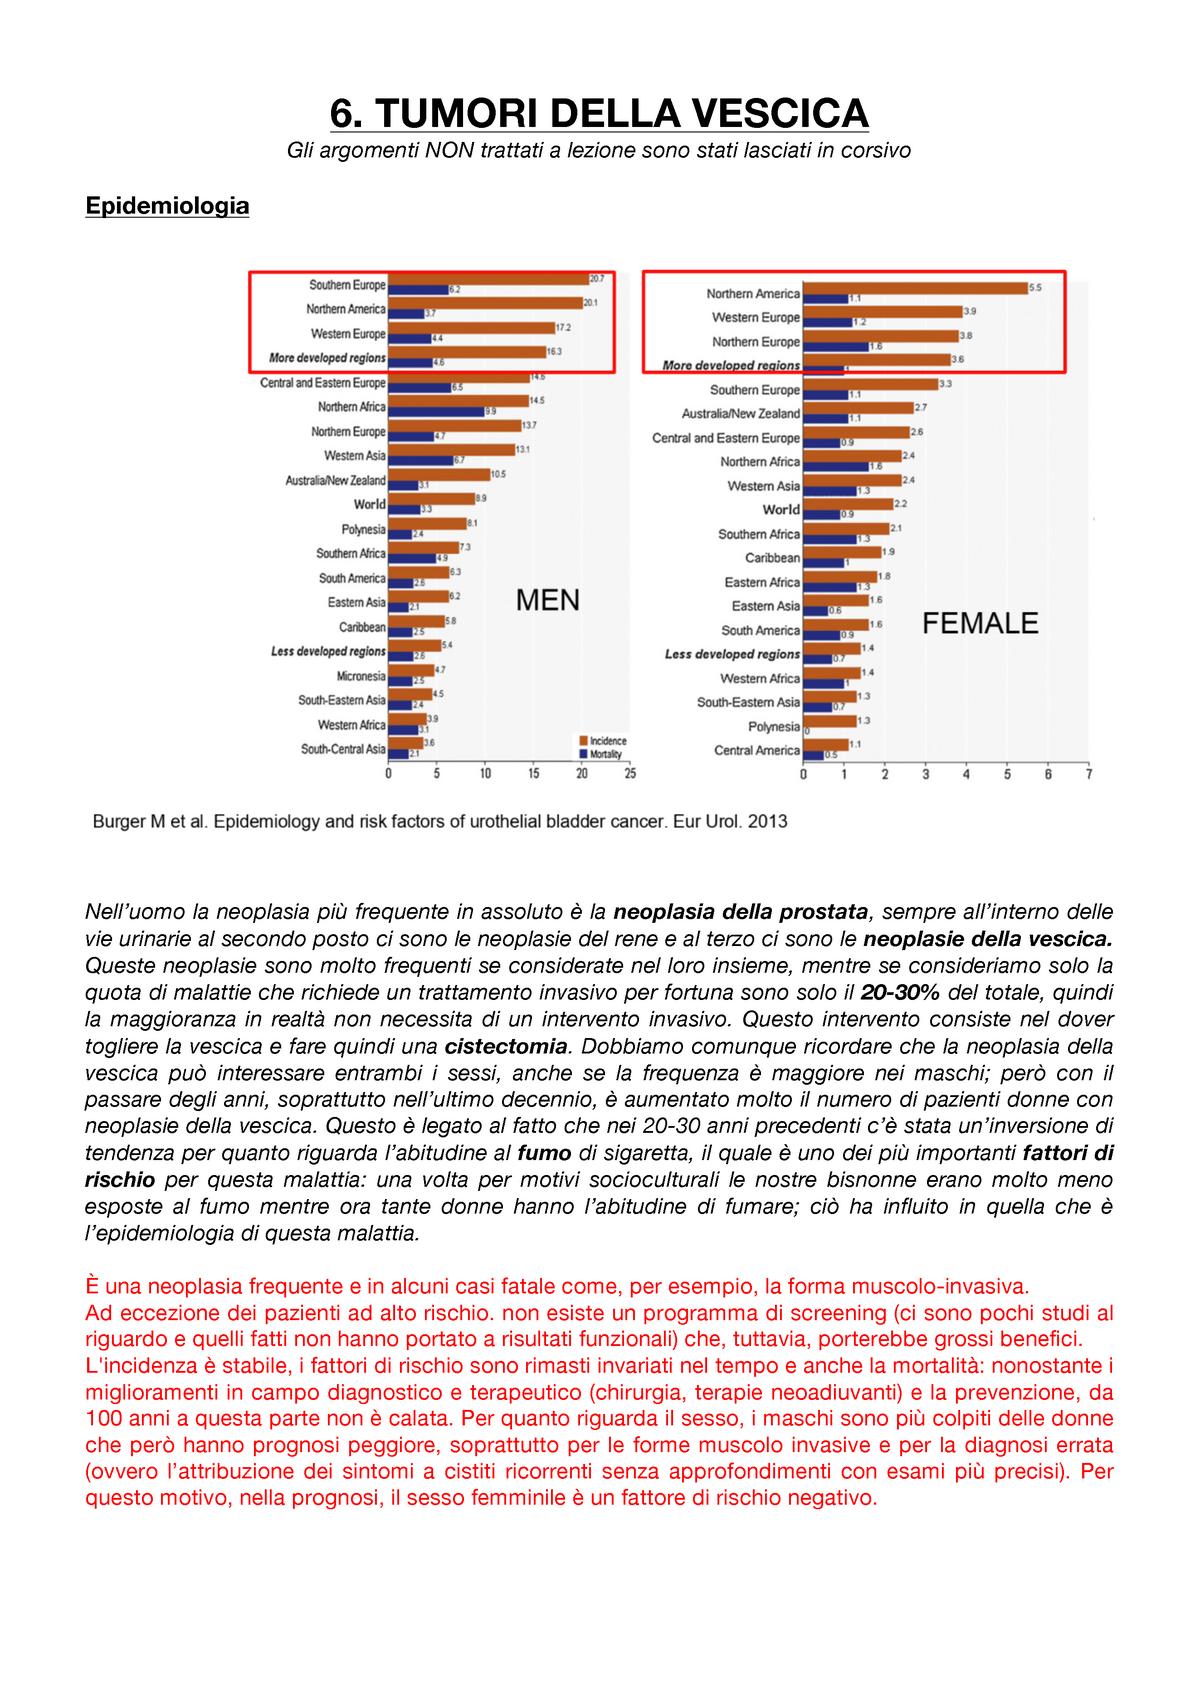 tabella delle dimensioni della prostata